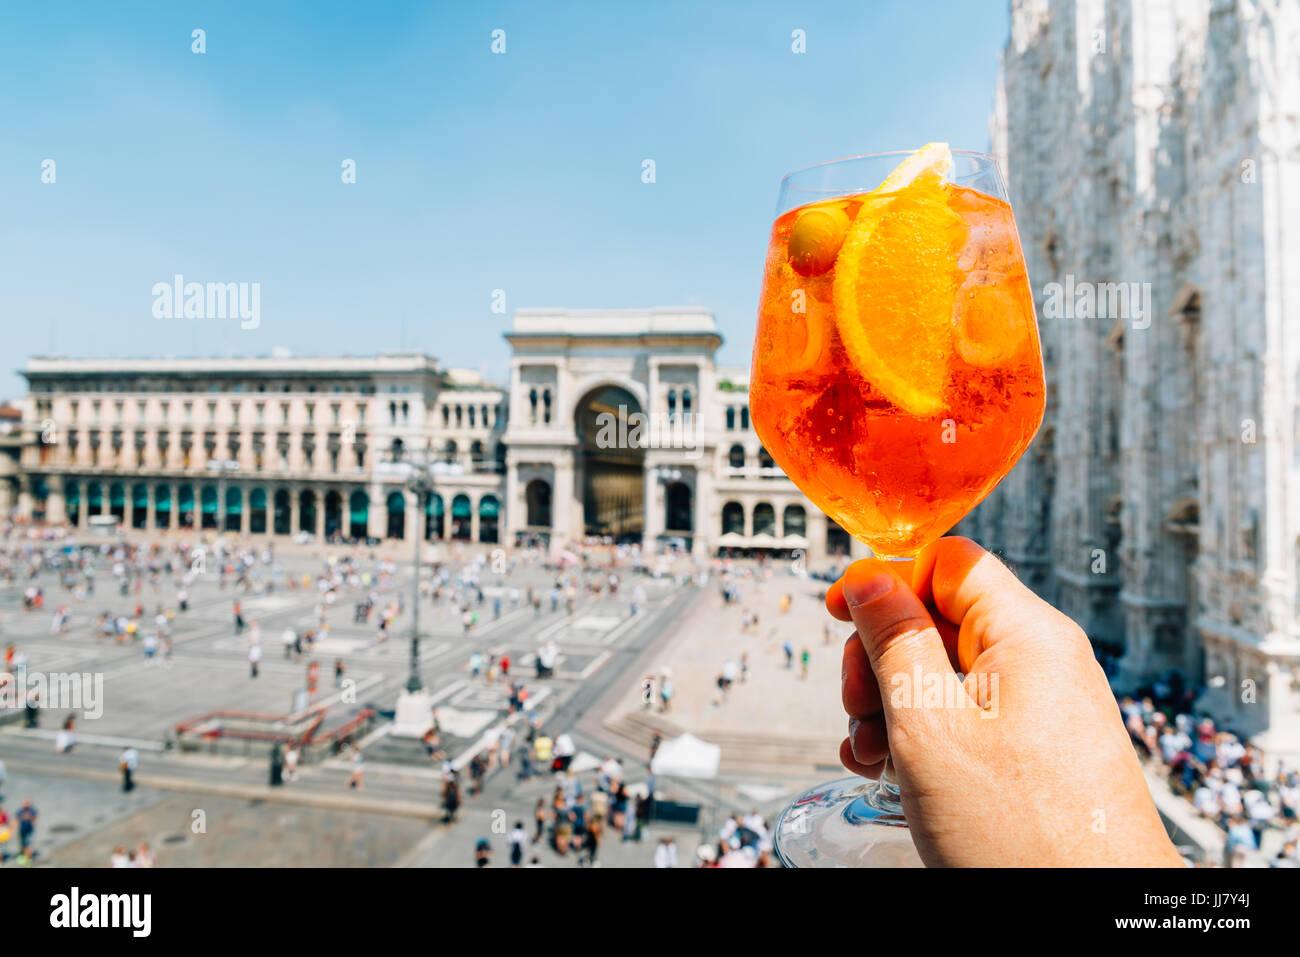 Spritz aperol drink in Milan overlooking Piazza Duomo - Stock Image